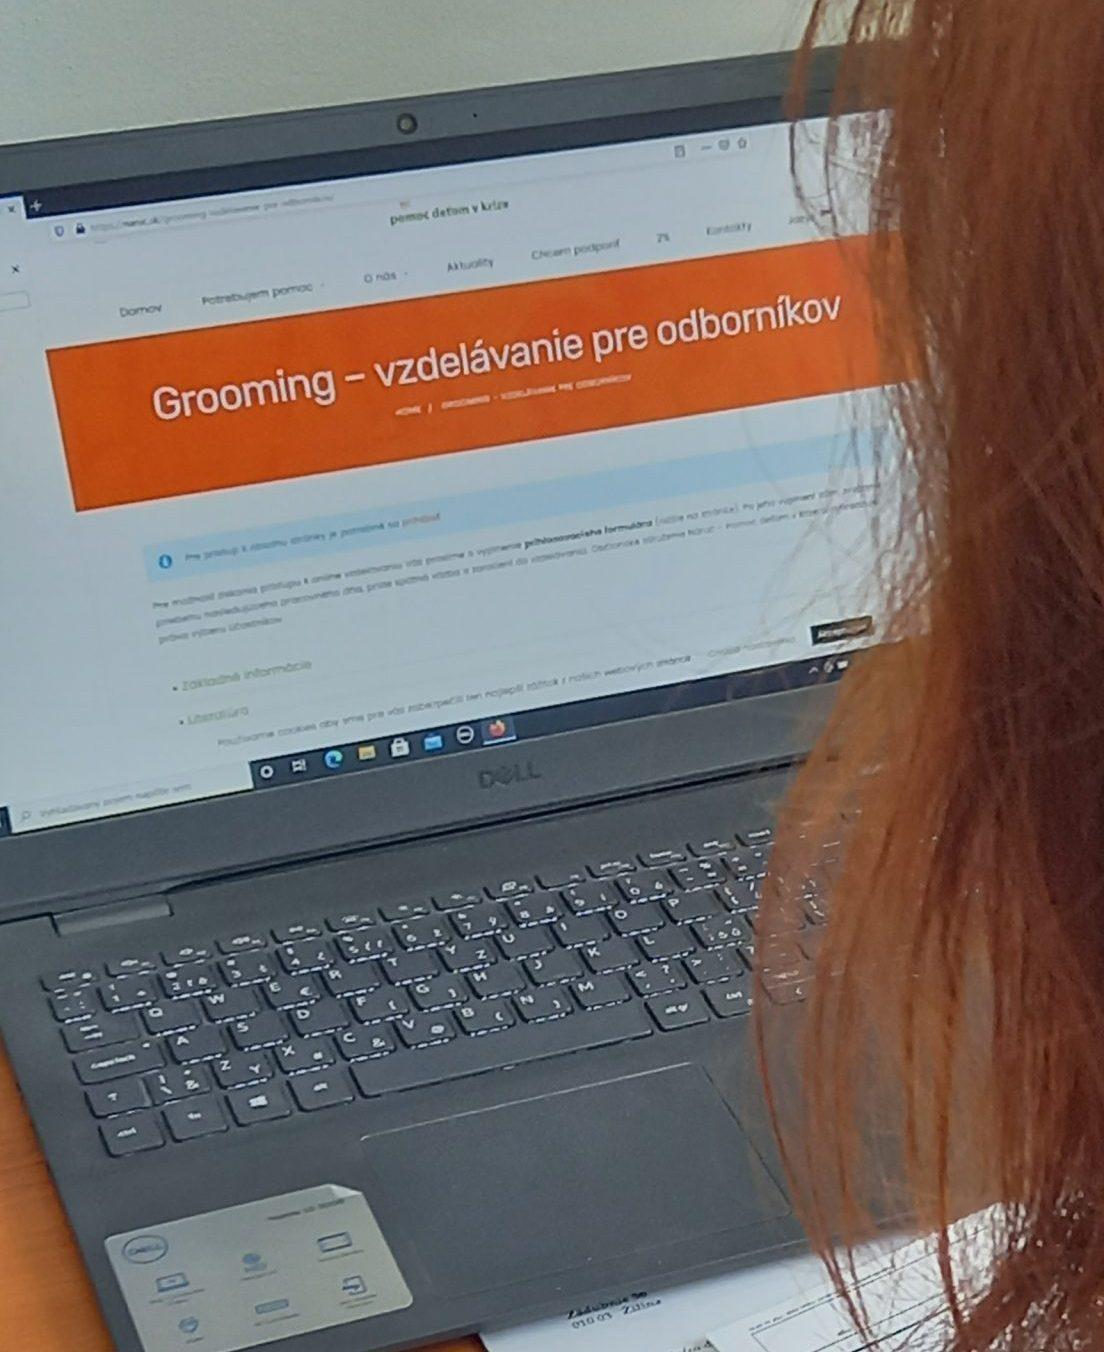 Od decembra 2020 do konca marca 2021 sme vtéme groomingu postupne preškolili viac ako 3200 zamestnancov centier pre deti arodiny zcelého Slovenska. Ak ste sa ešte nestretli spojmom grooming, alebo si neviete predstaviť, čo sú to tie centrá pre deti arodiny, nevadí – čítajte ďalej – postupne objasníme 🙂 Centrá pre deti arodiny (CDR) sú […]